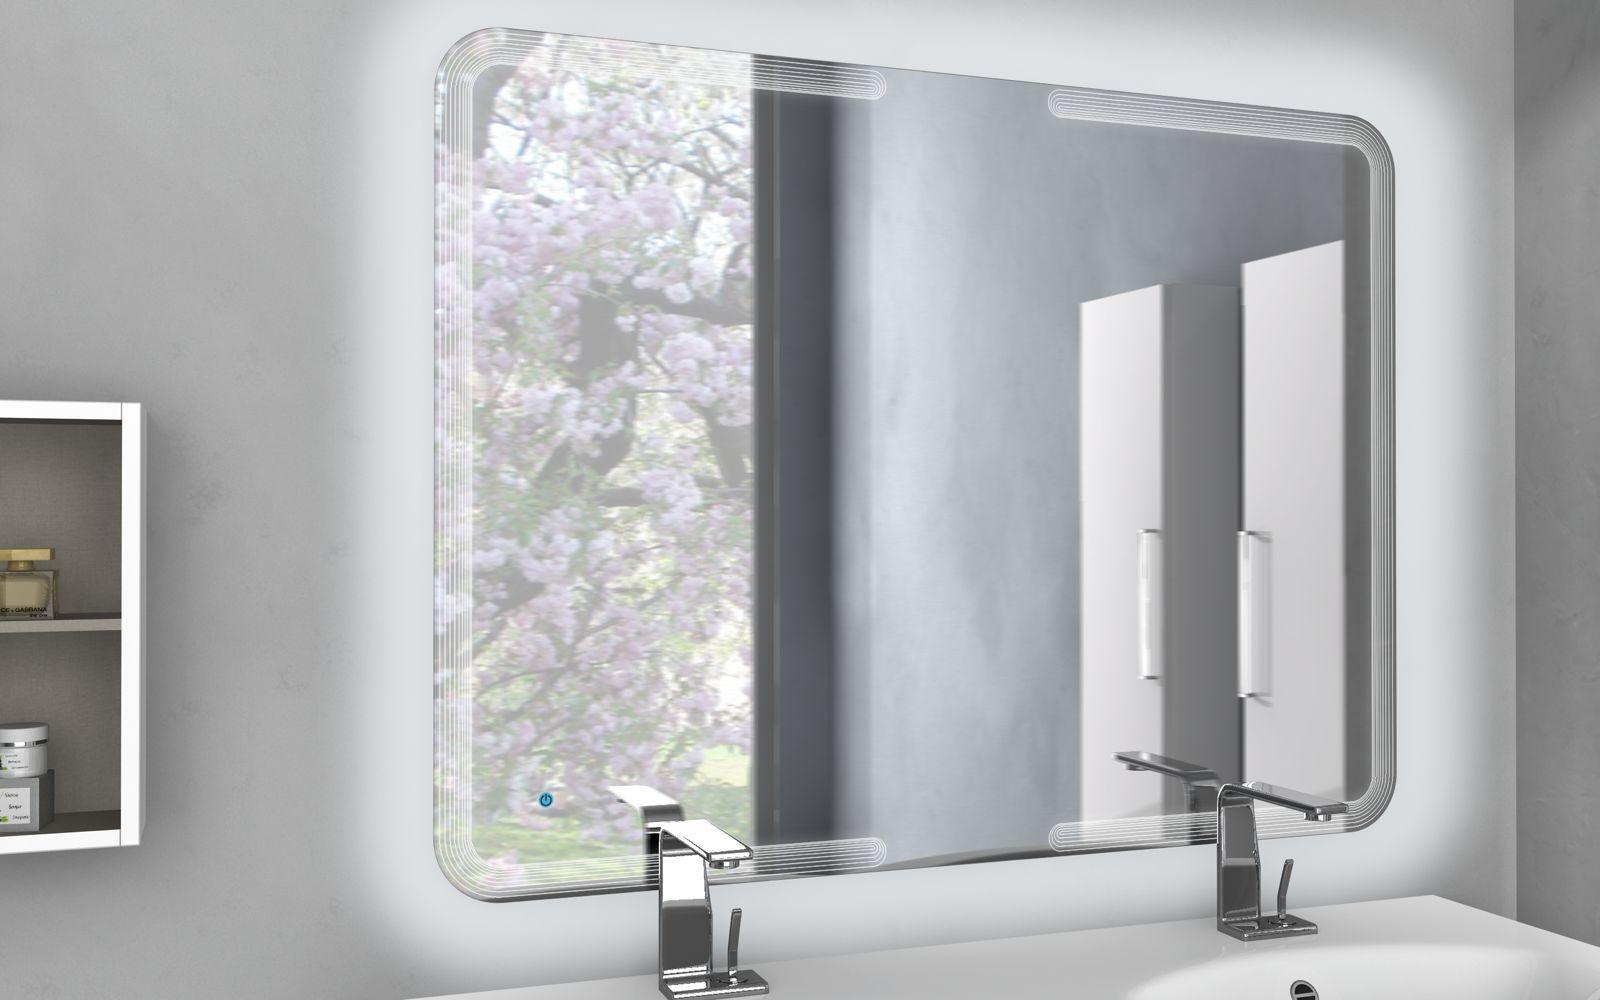 Specchio specchiera da bagno arredo a led 90x60 90x74 90x100 90x120 con touch su ebay - Specchio bagno moderno ...